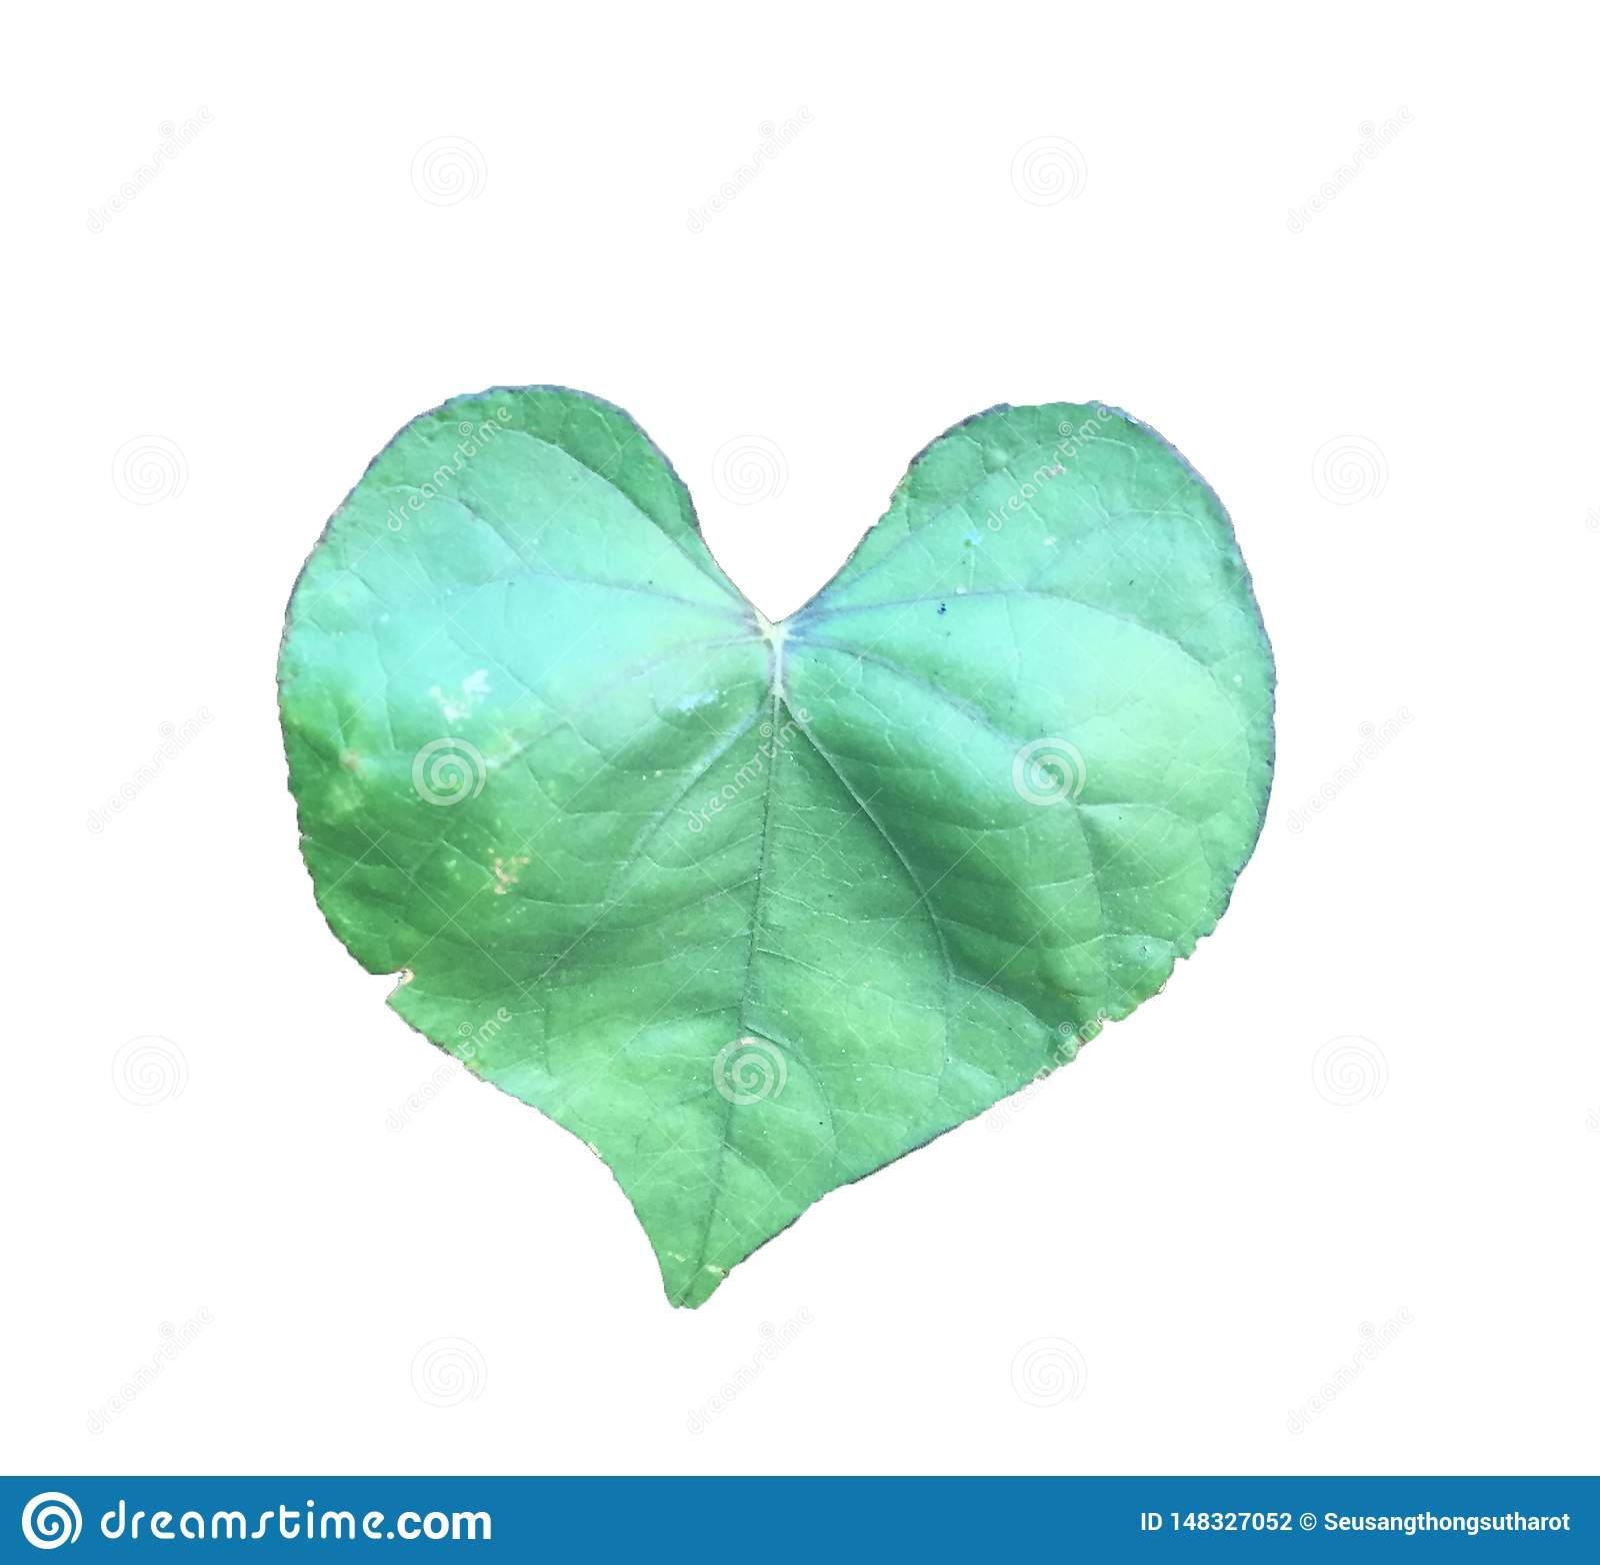 心形的叶子白色背景